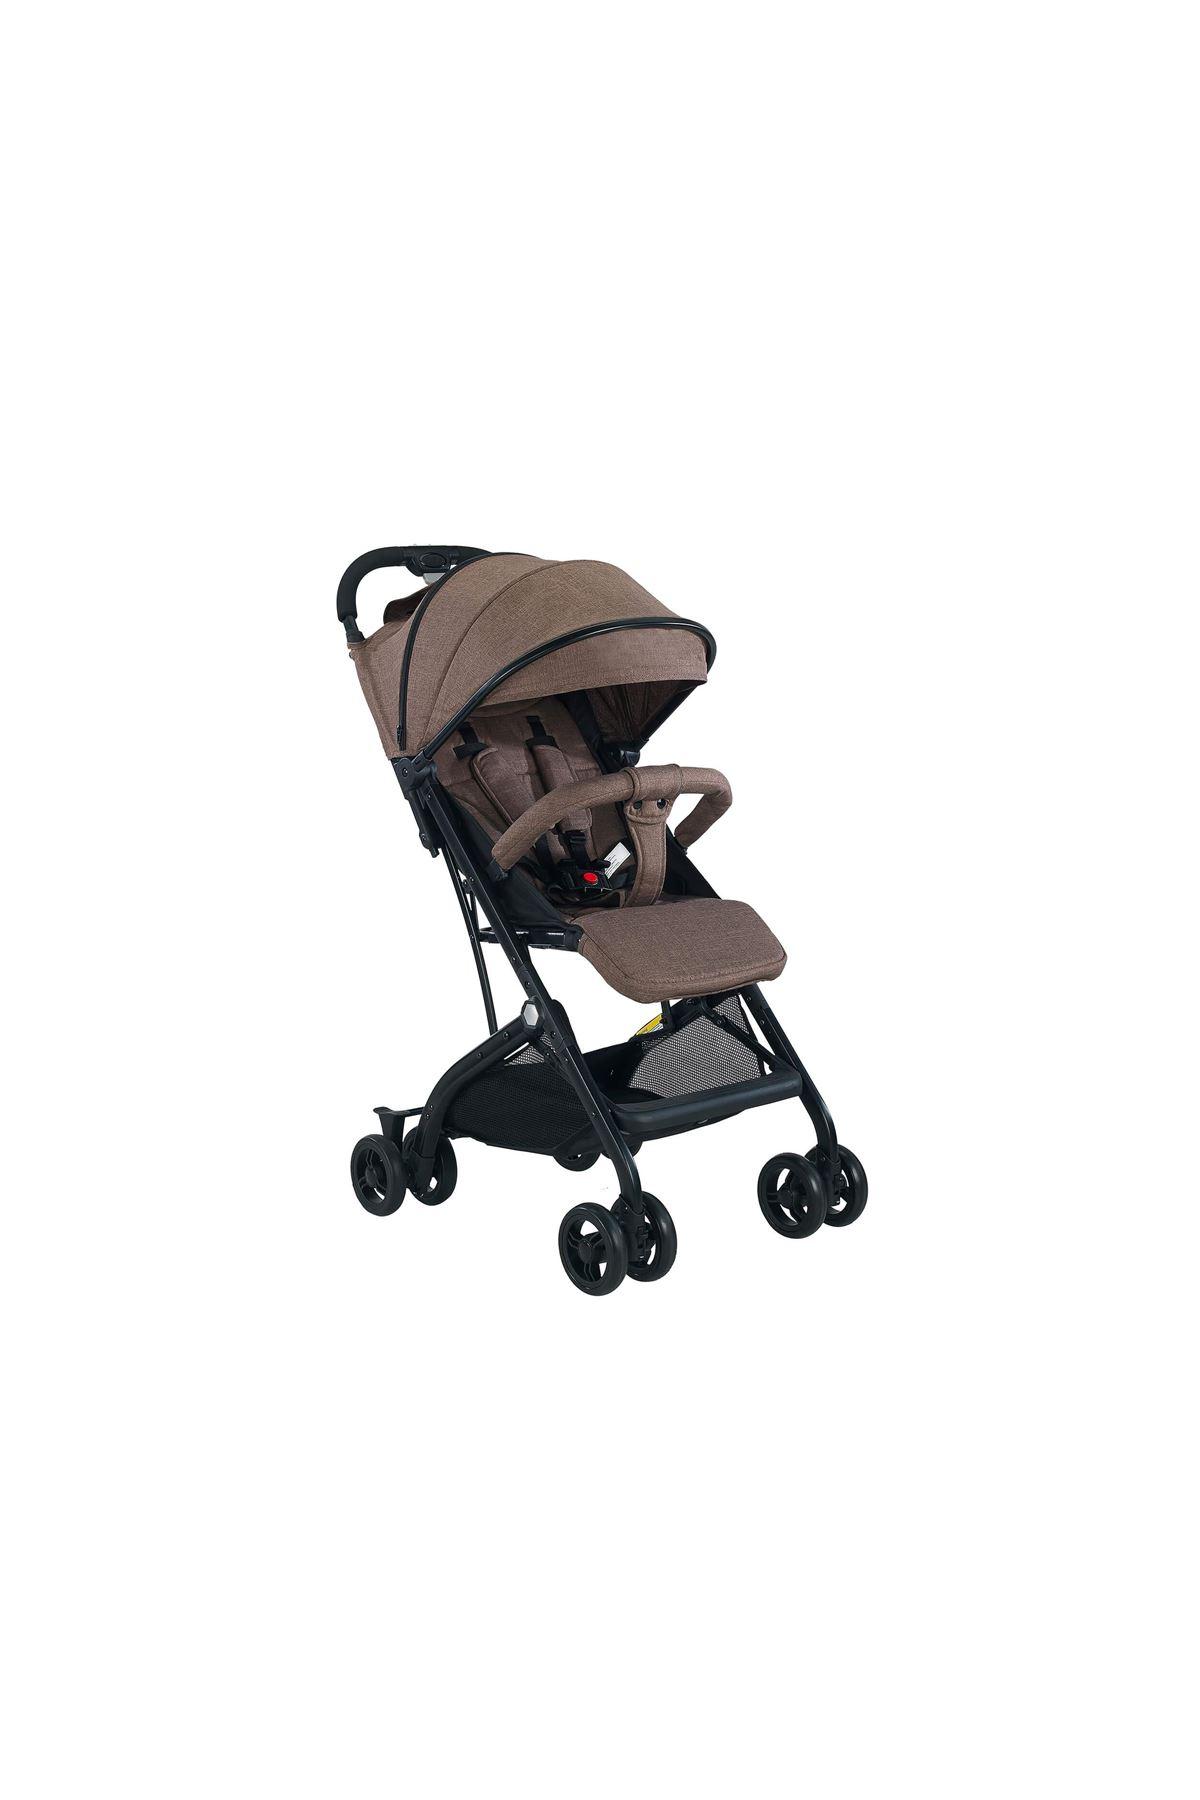 Baby2go Heets Travel Sistem Bebek Arabası 2031 Kahve